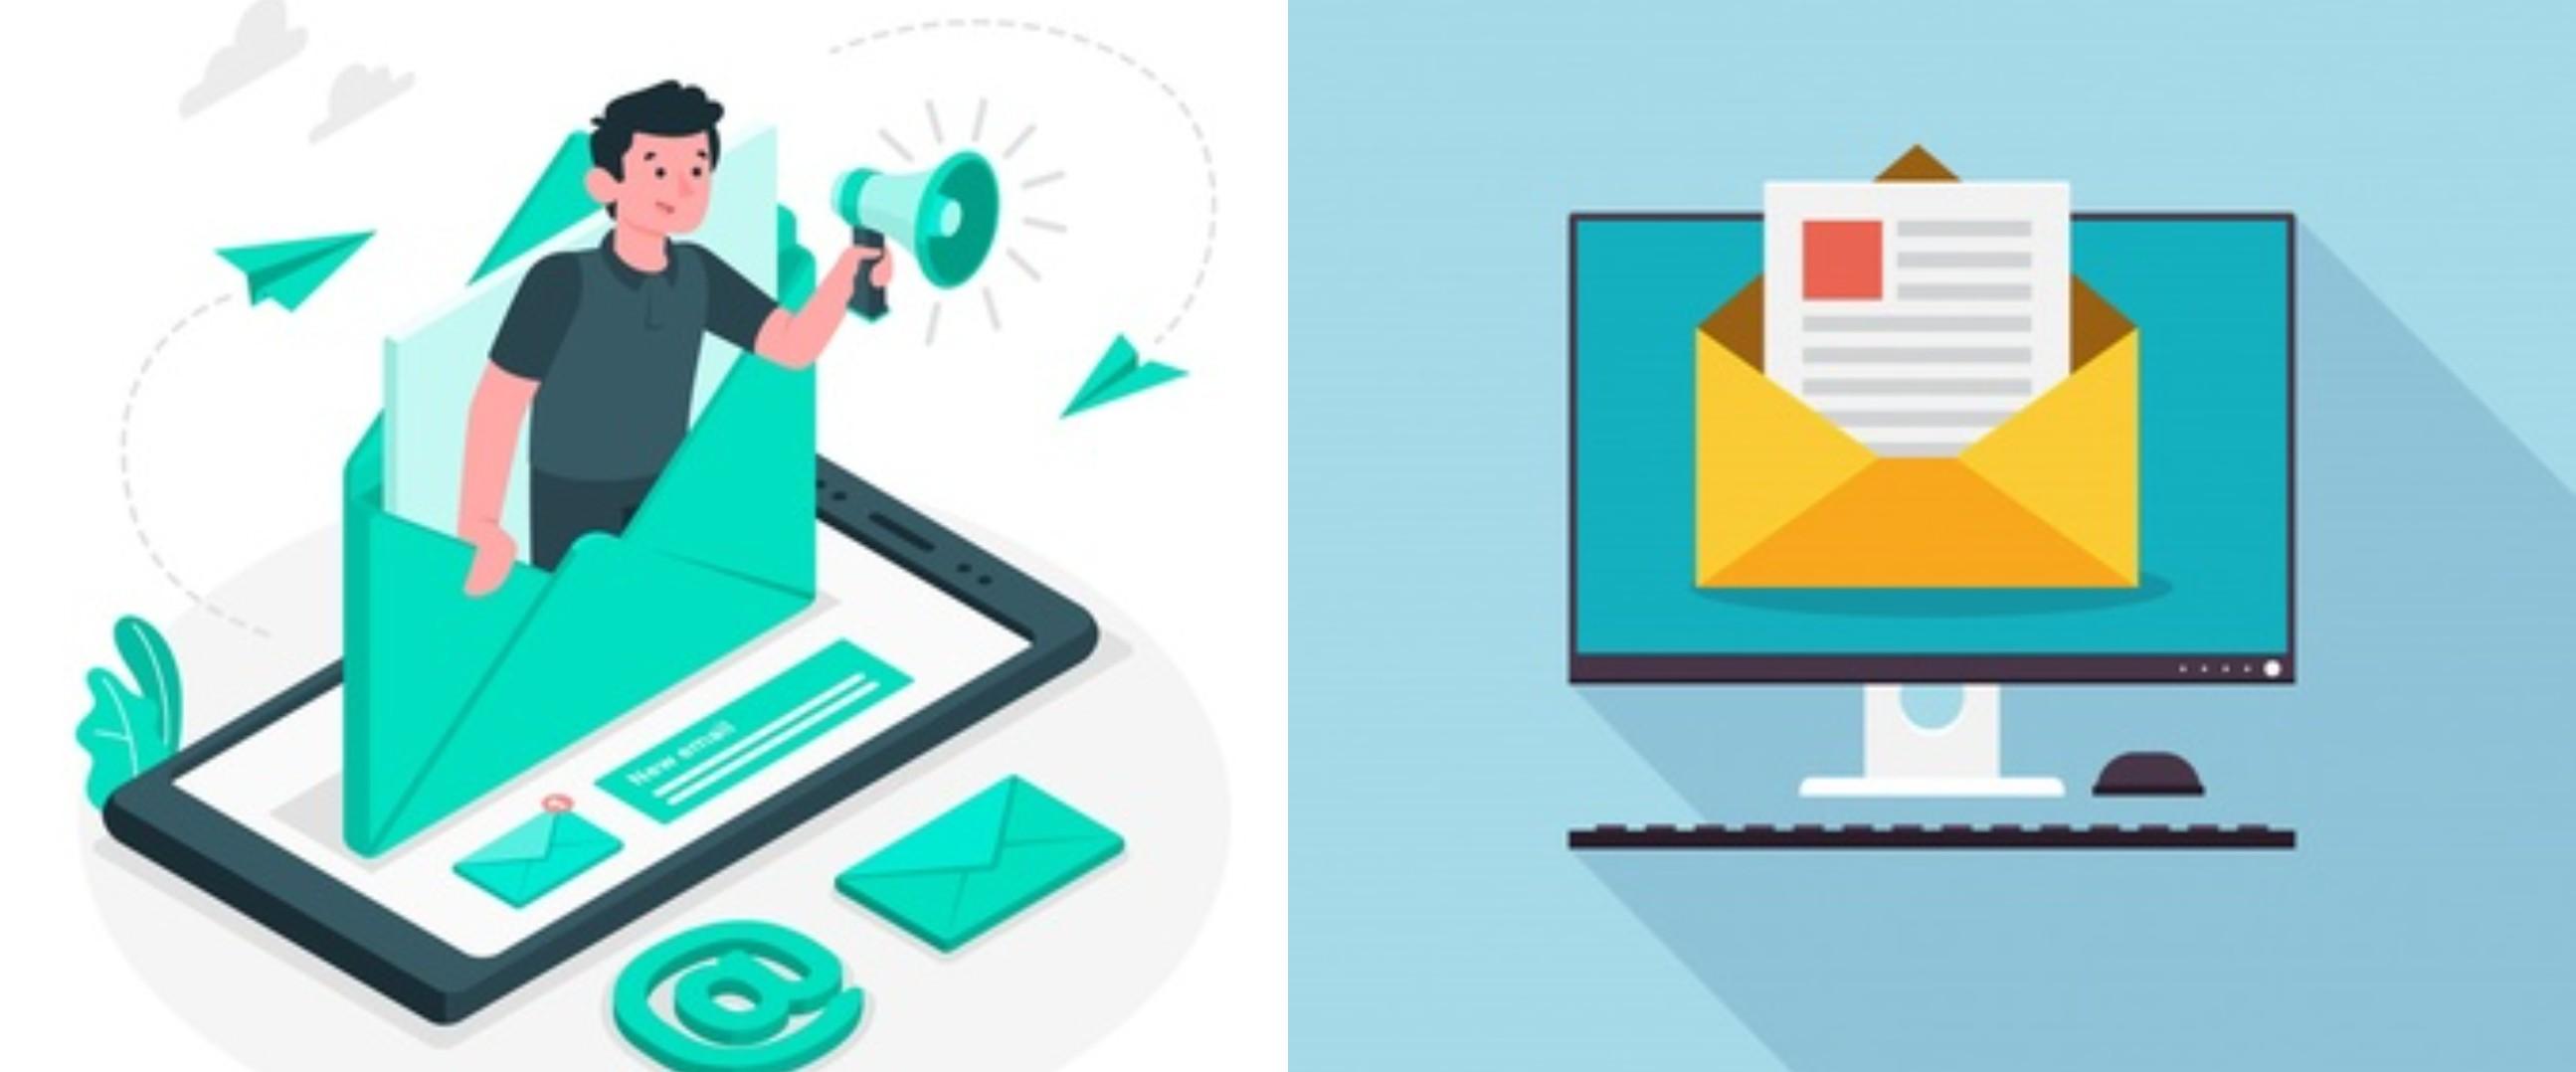 5 Cara membuat email perusahaan, mudah, cepat, dan gratis